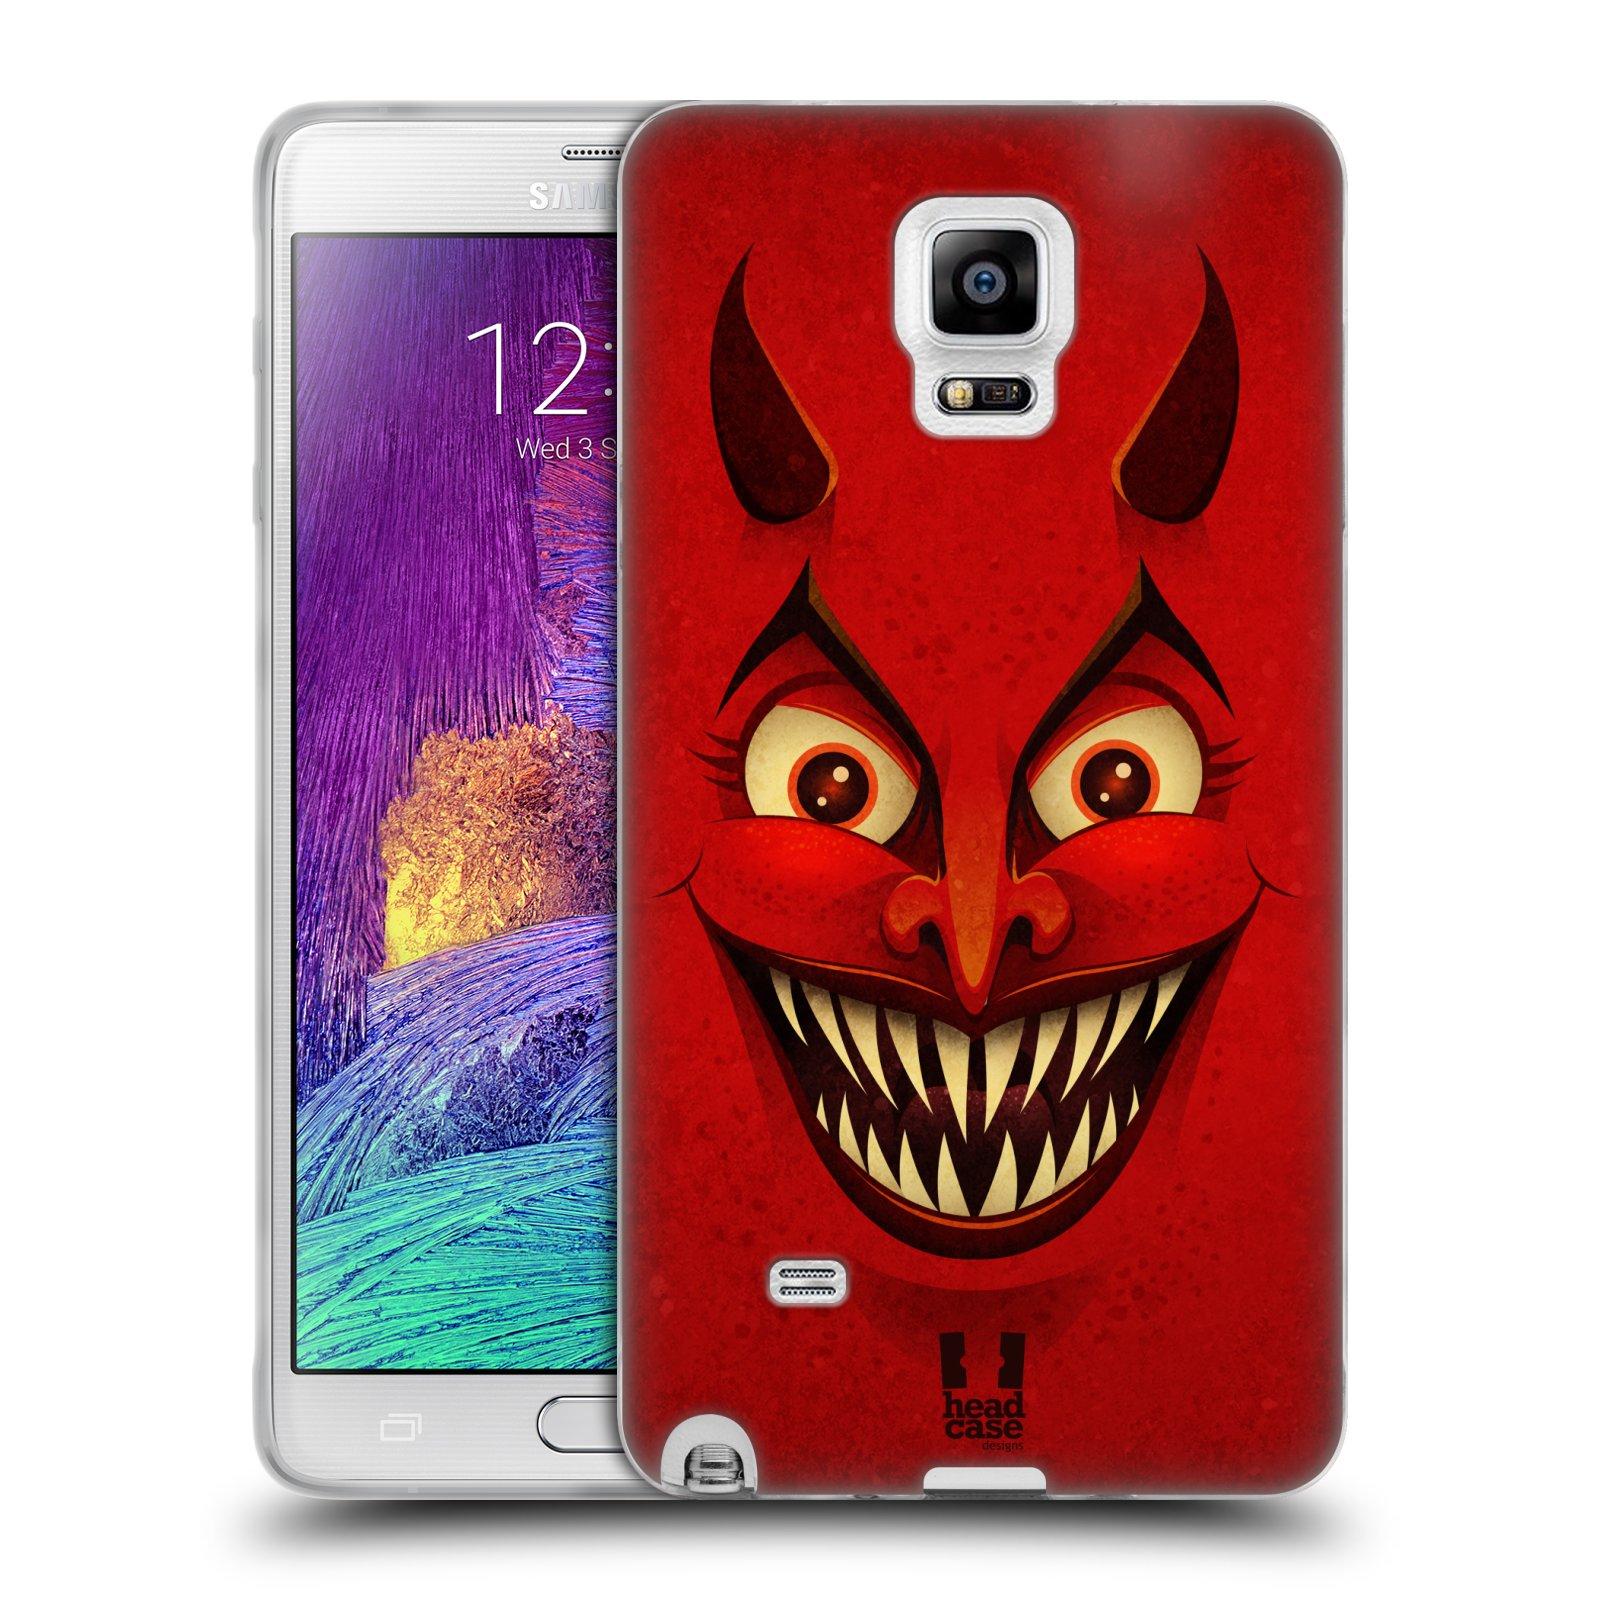 Silikonové pouzdro na mobil Samsung Galaxy Note 4 HEAD CASE ČERT (Silikonový kryt či obal na mobilní telefon Samsung Galaxy Note 4 SM-N910F)